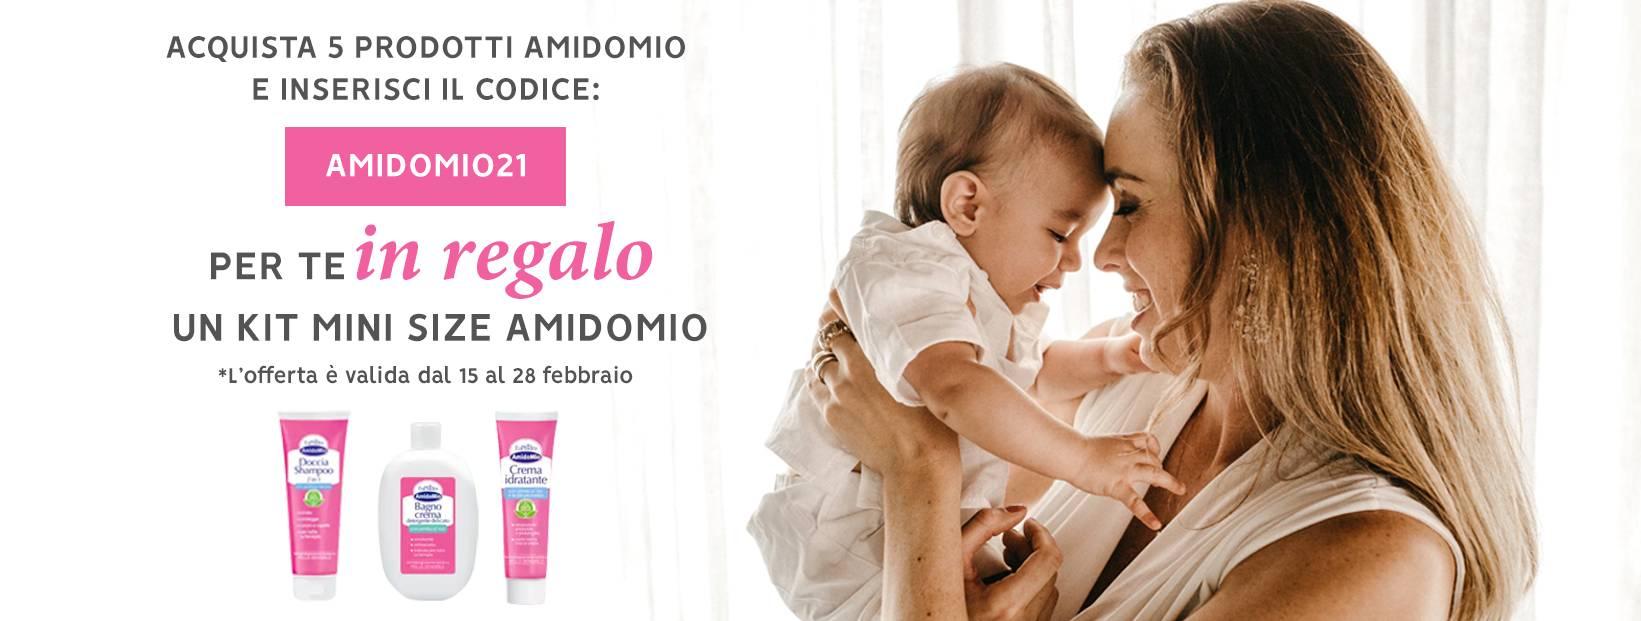 Acquista almeno 10 prodotti Amido Mio, per te in regalo un kit mini size amido mio